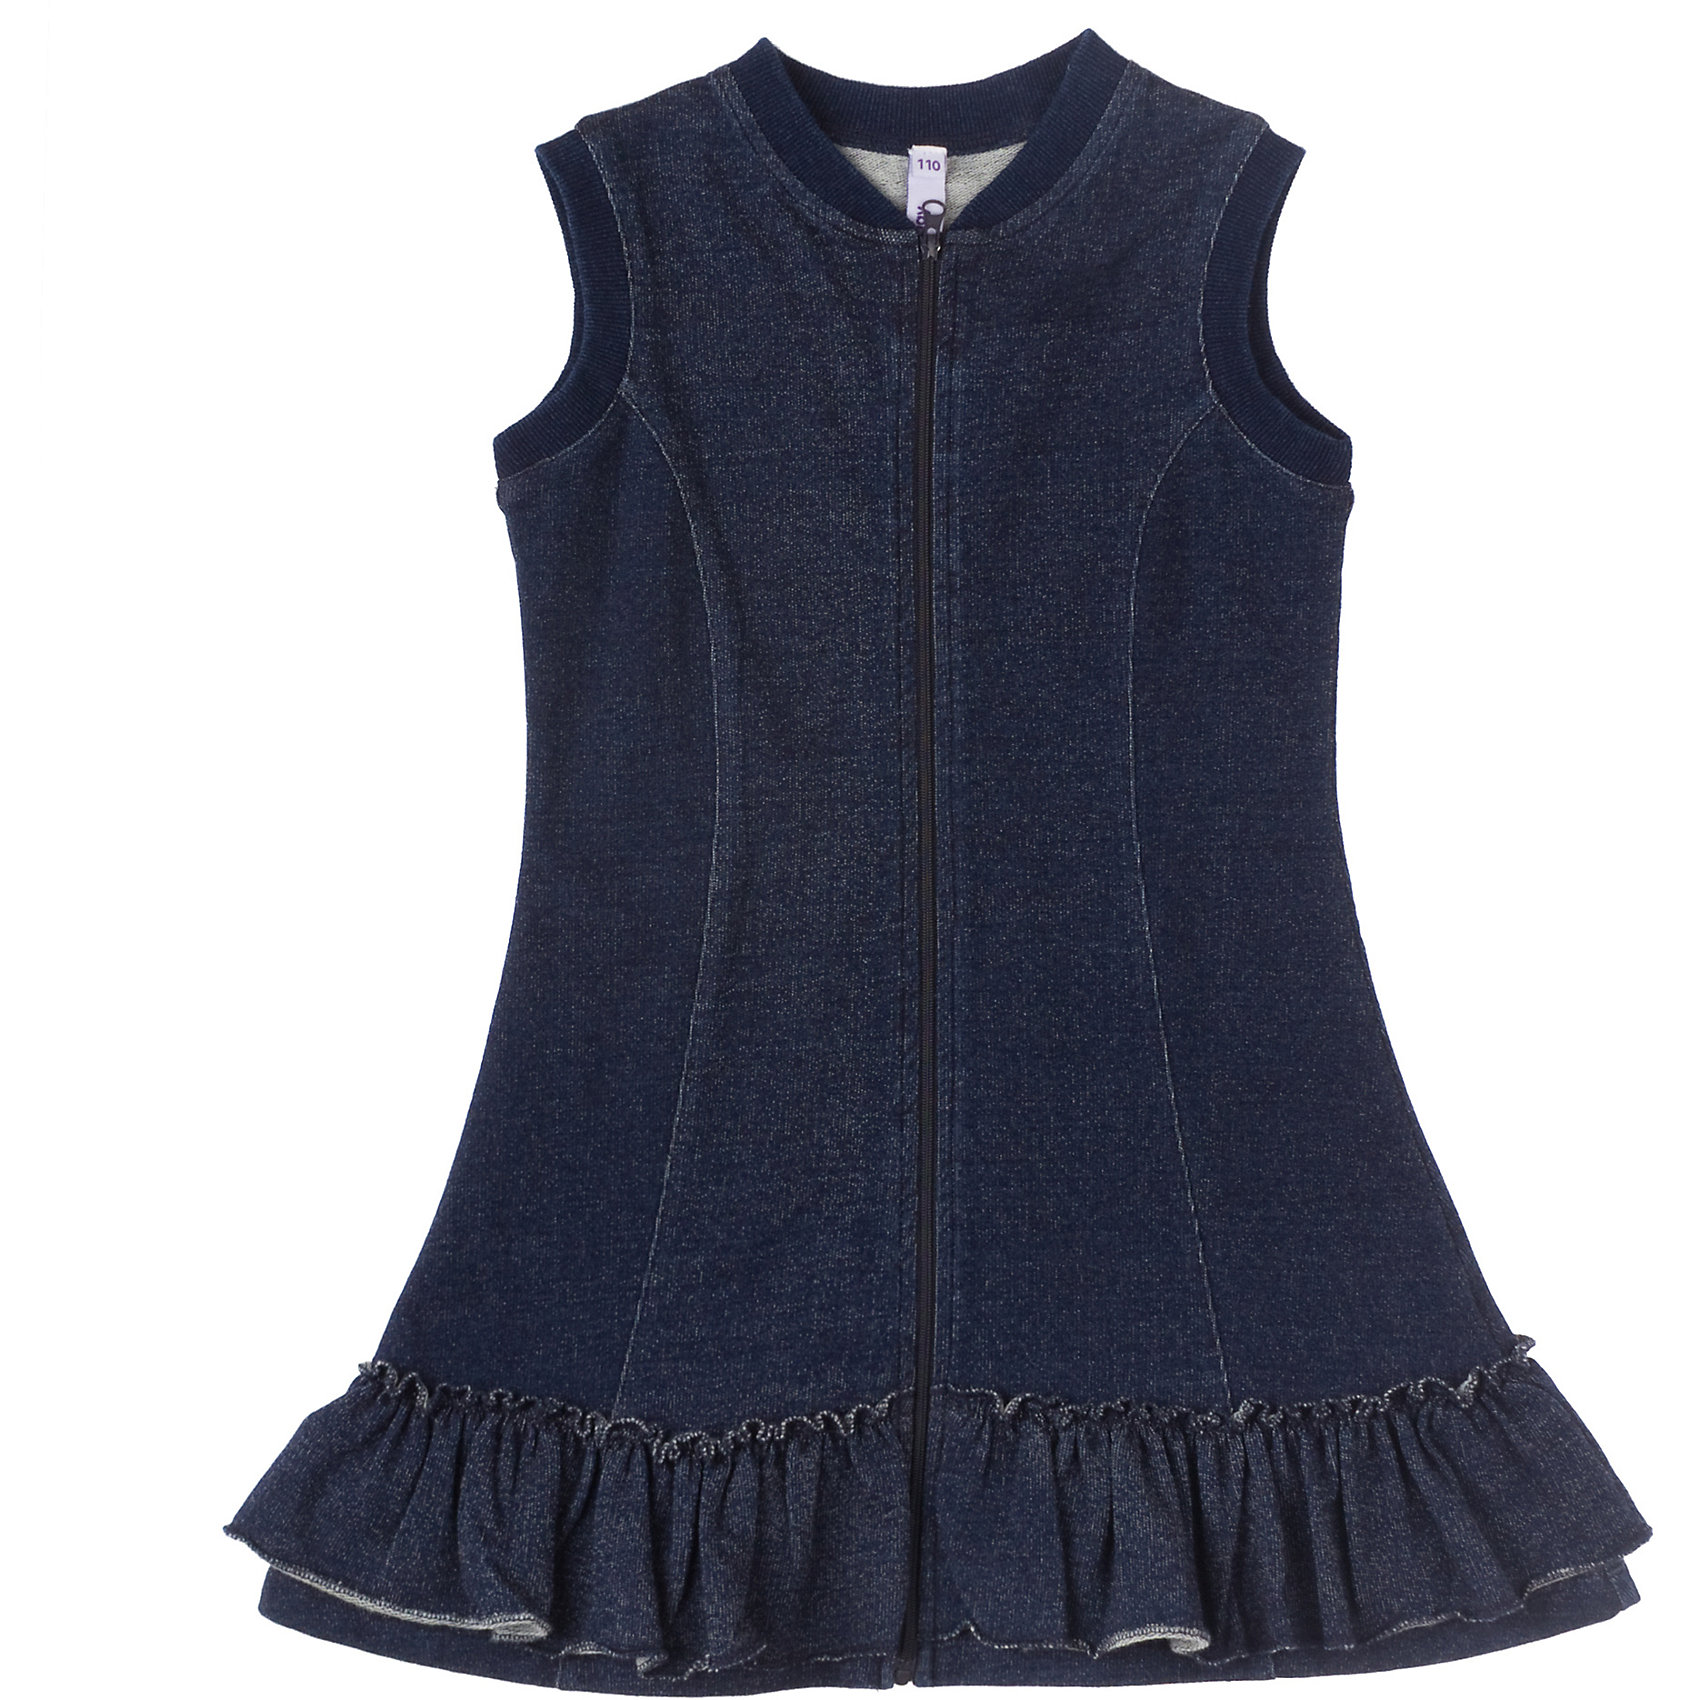 Платье PlayTodayПлатье  PlayToday Легкое хлопковое платье на молнии, стилизованное под джинсу. Эластичное, хорошо сидит по фигуре. Состав: 96% хлопок, 4% эластан<br><br>Ширина мм: 236<br>Глубина мм: 16<br>Высота мм: 184<br>Вес г: 177<br>Цвет: полуночно-синий<br>Возраст от месяцев: 24<br>Возраст до месяцев: 36<br>Пол: Женский<br>Возраст: Детский<br>Размер: 98,122,128,104,110,116<br>SKU: 4228744